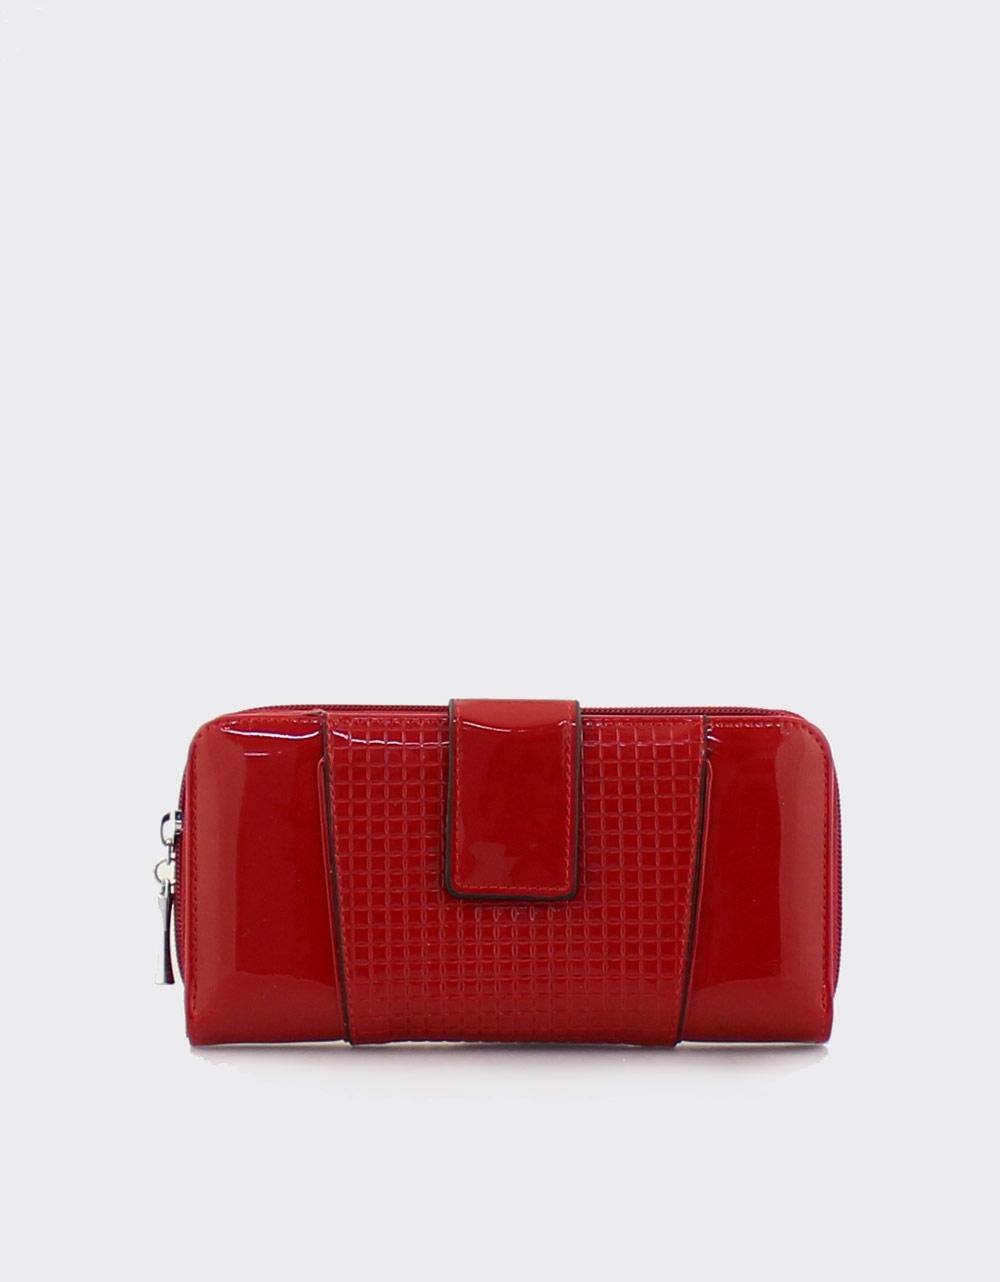 1297ce768d Εικόνα από Γυναικεία πορτοφόλια λουστρίνι Κόκκινο